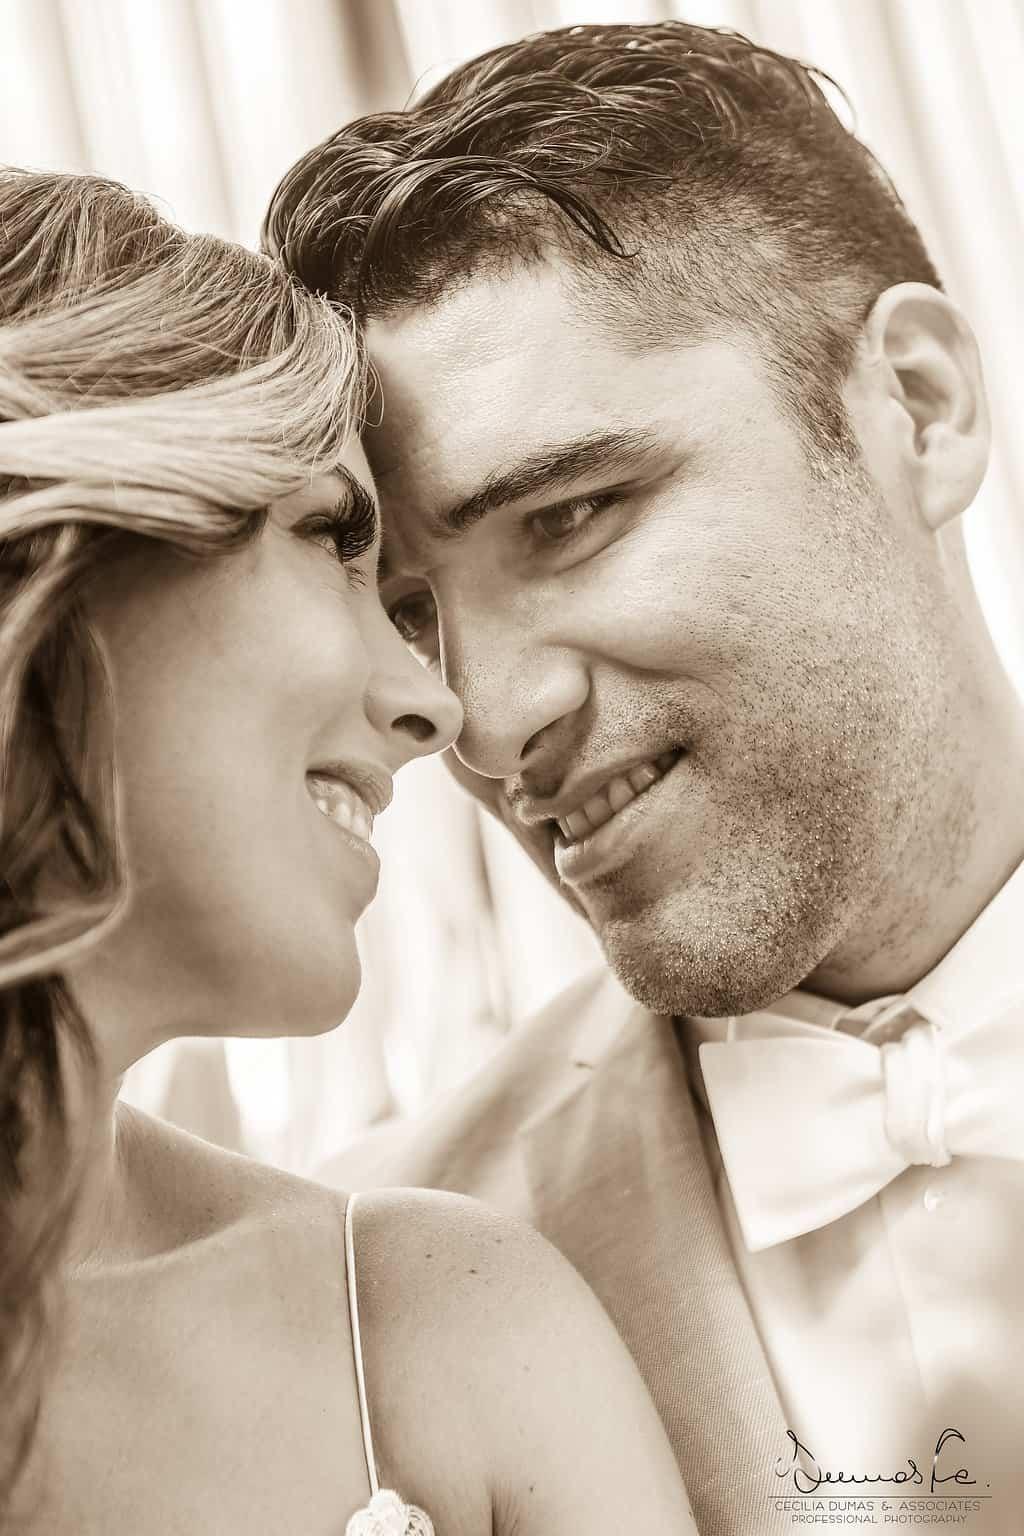 mahekalhotel-playadelcarmen-weddingphotography-lindseyalfredo44